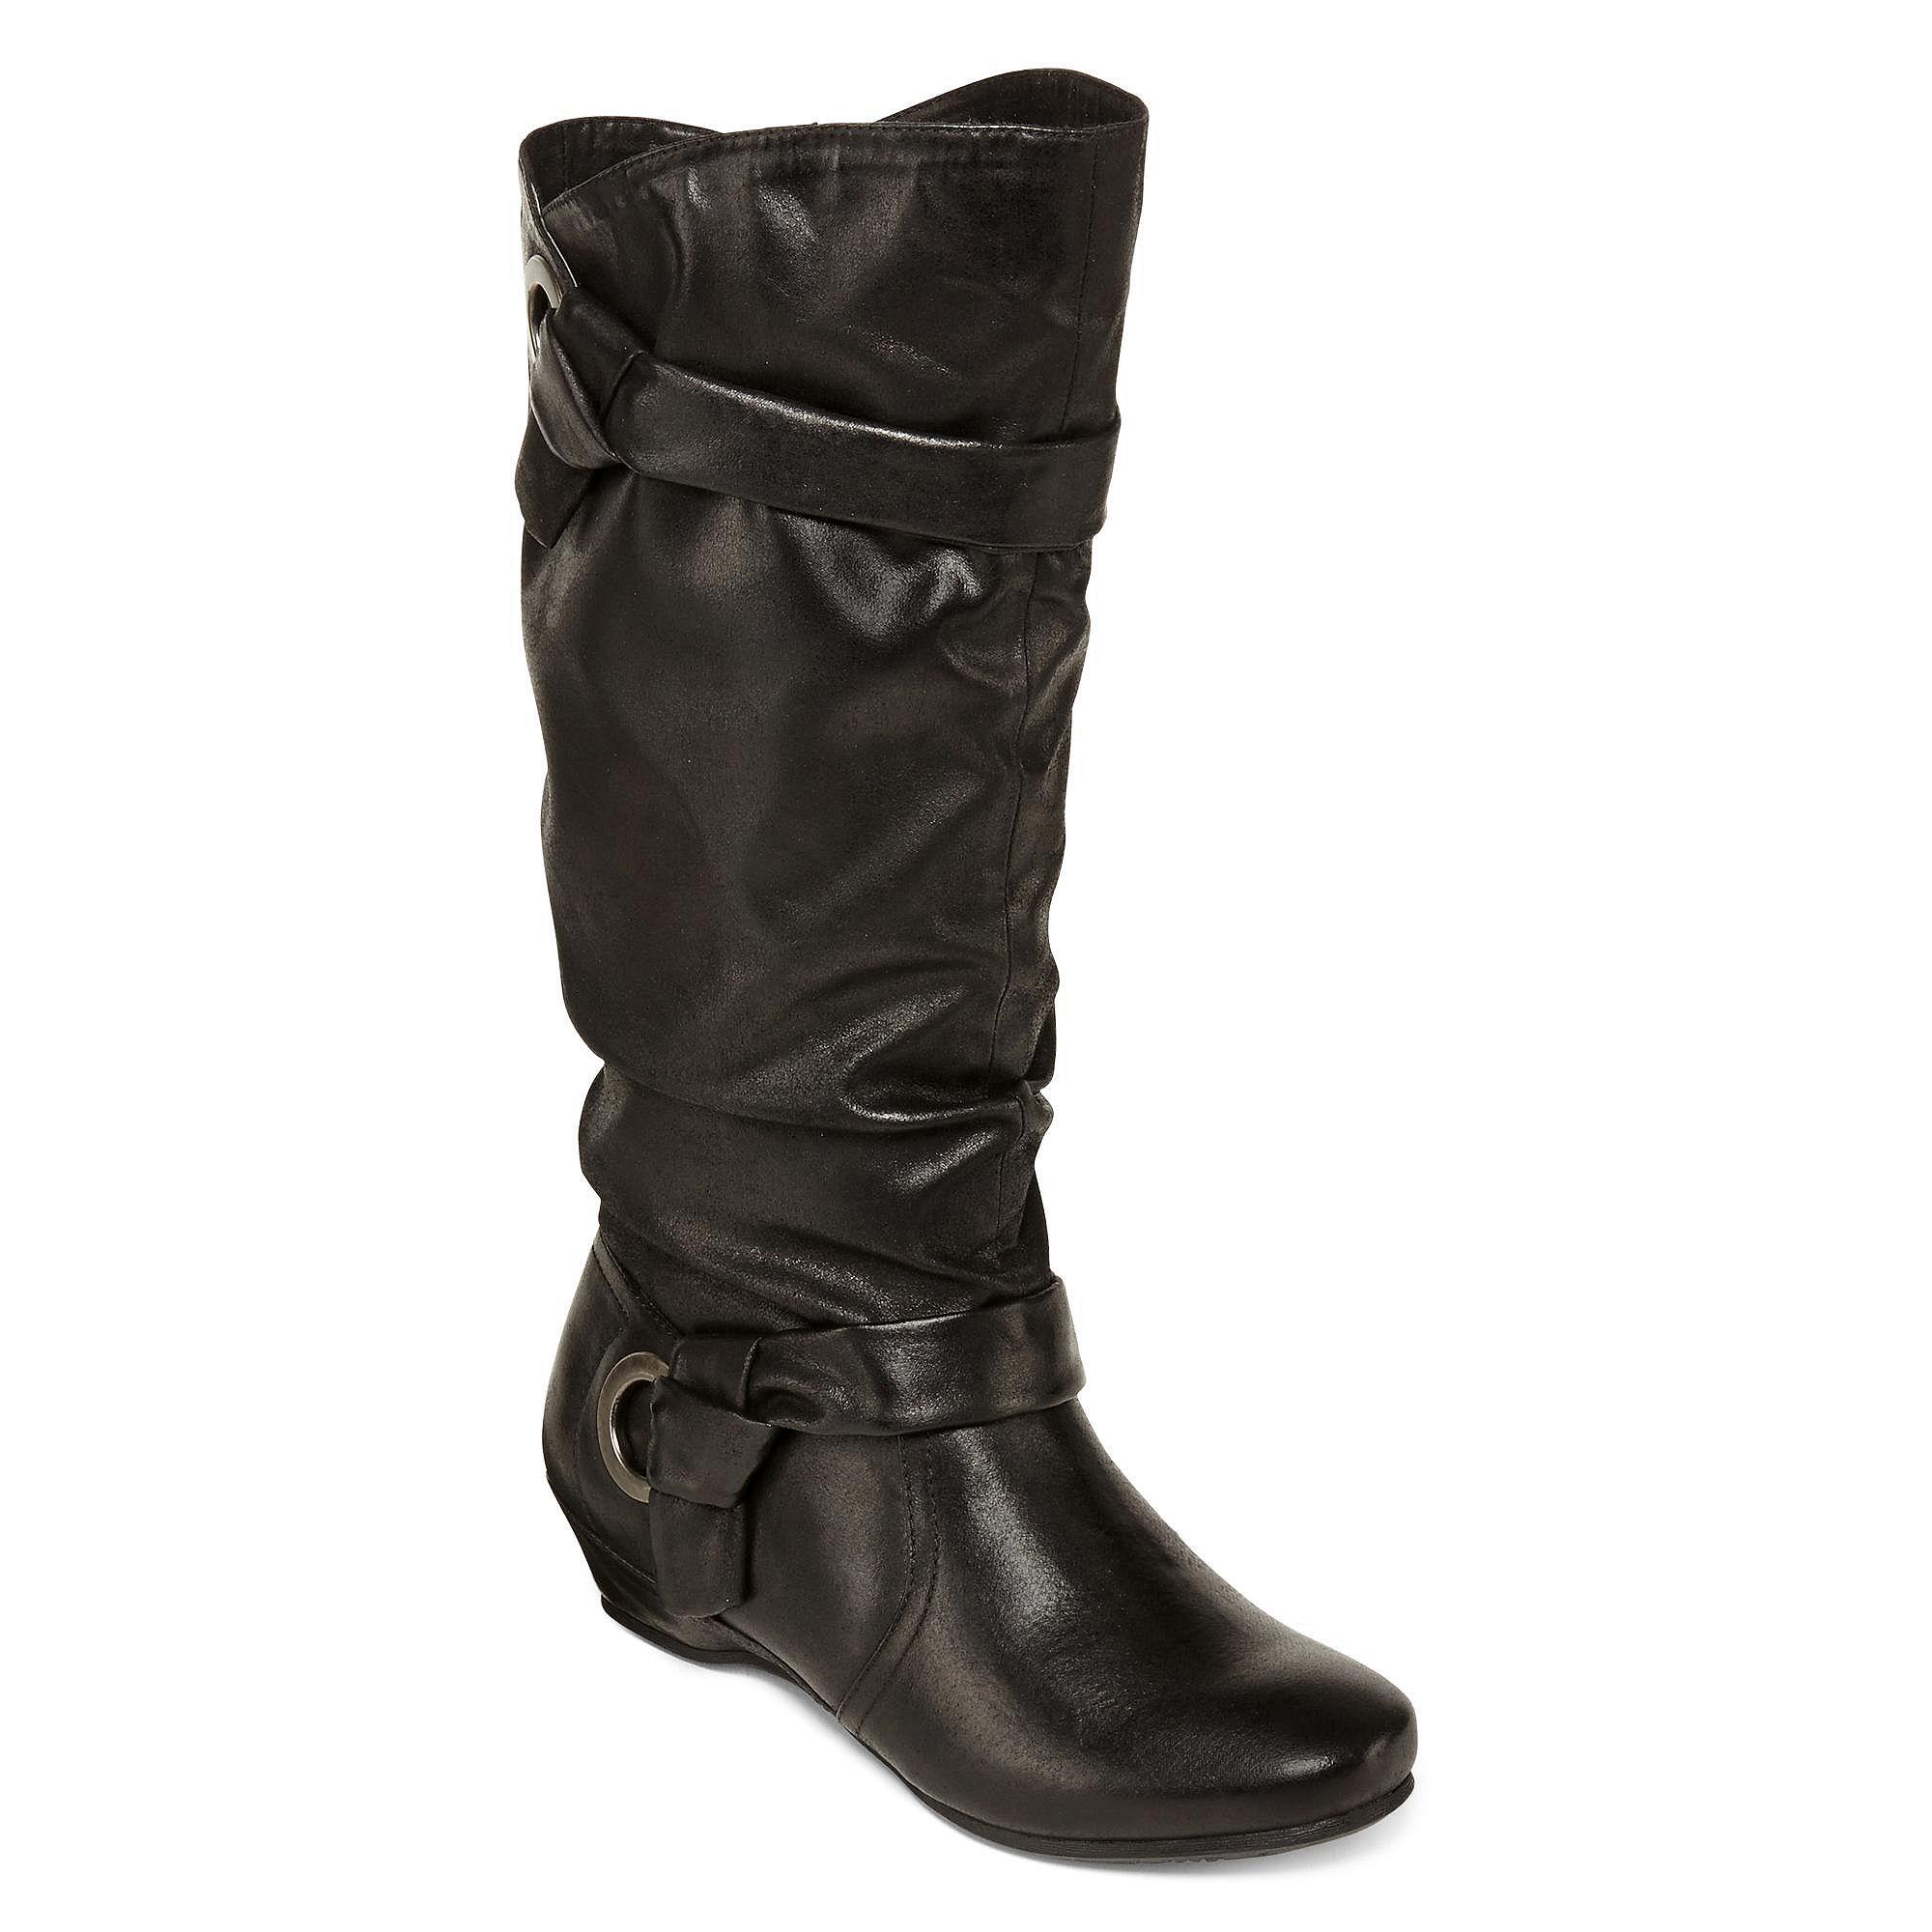 02c3e154d499 Yuu Seldom Slouch Boots